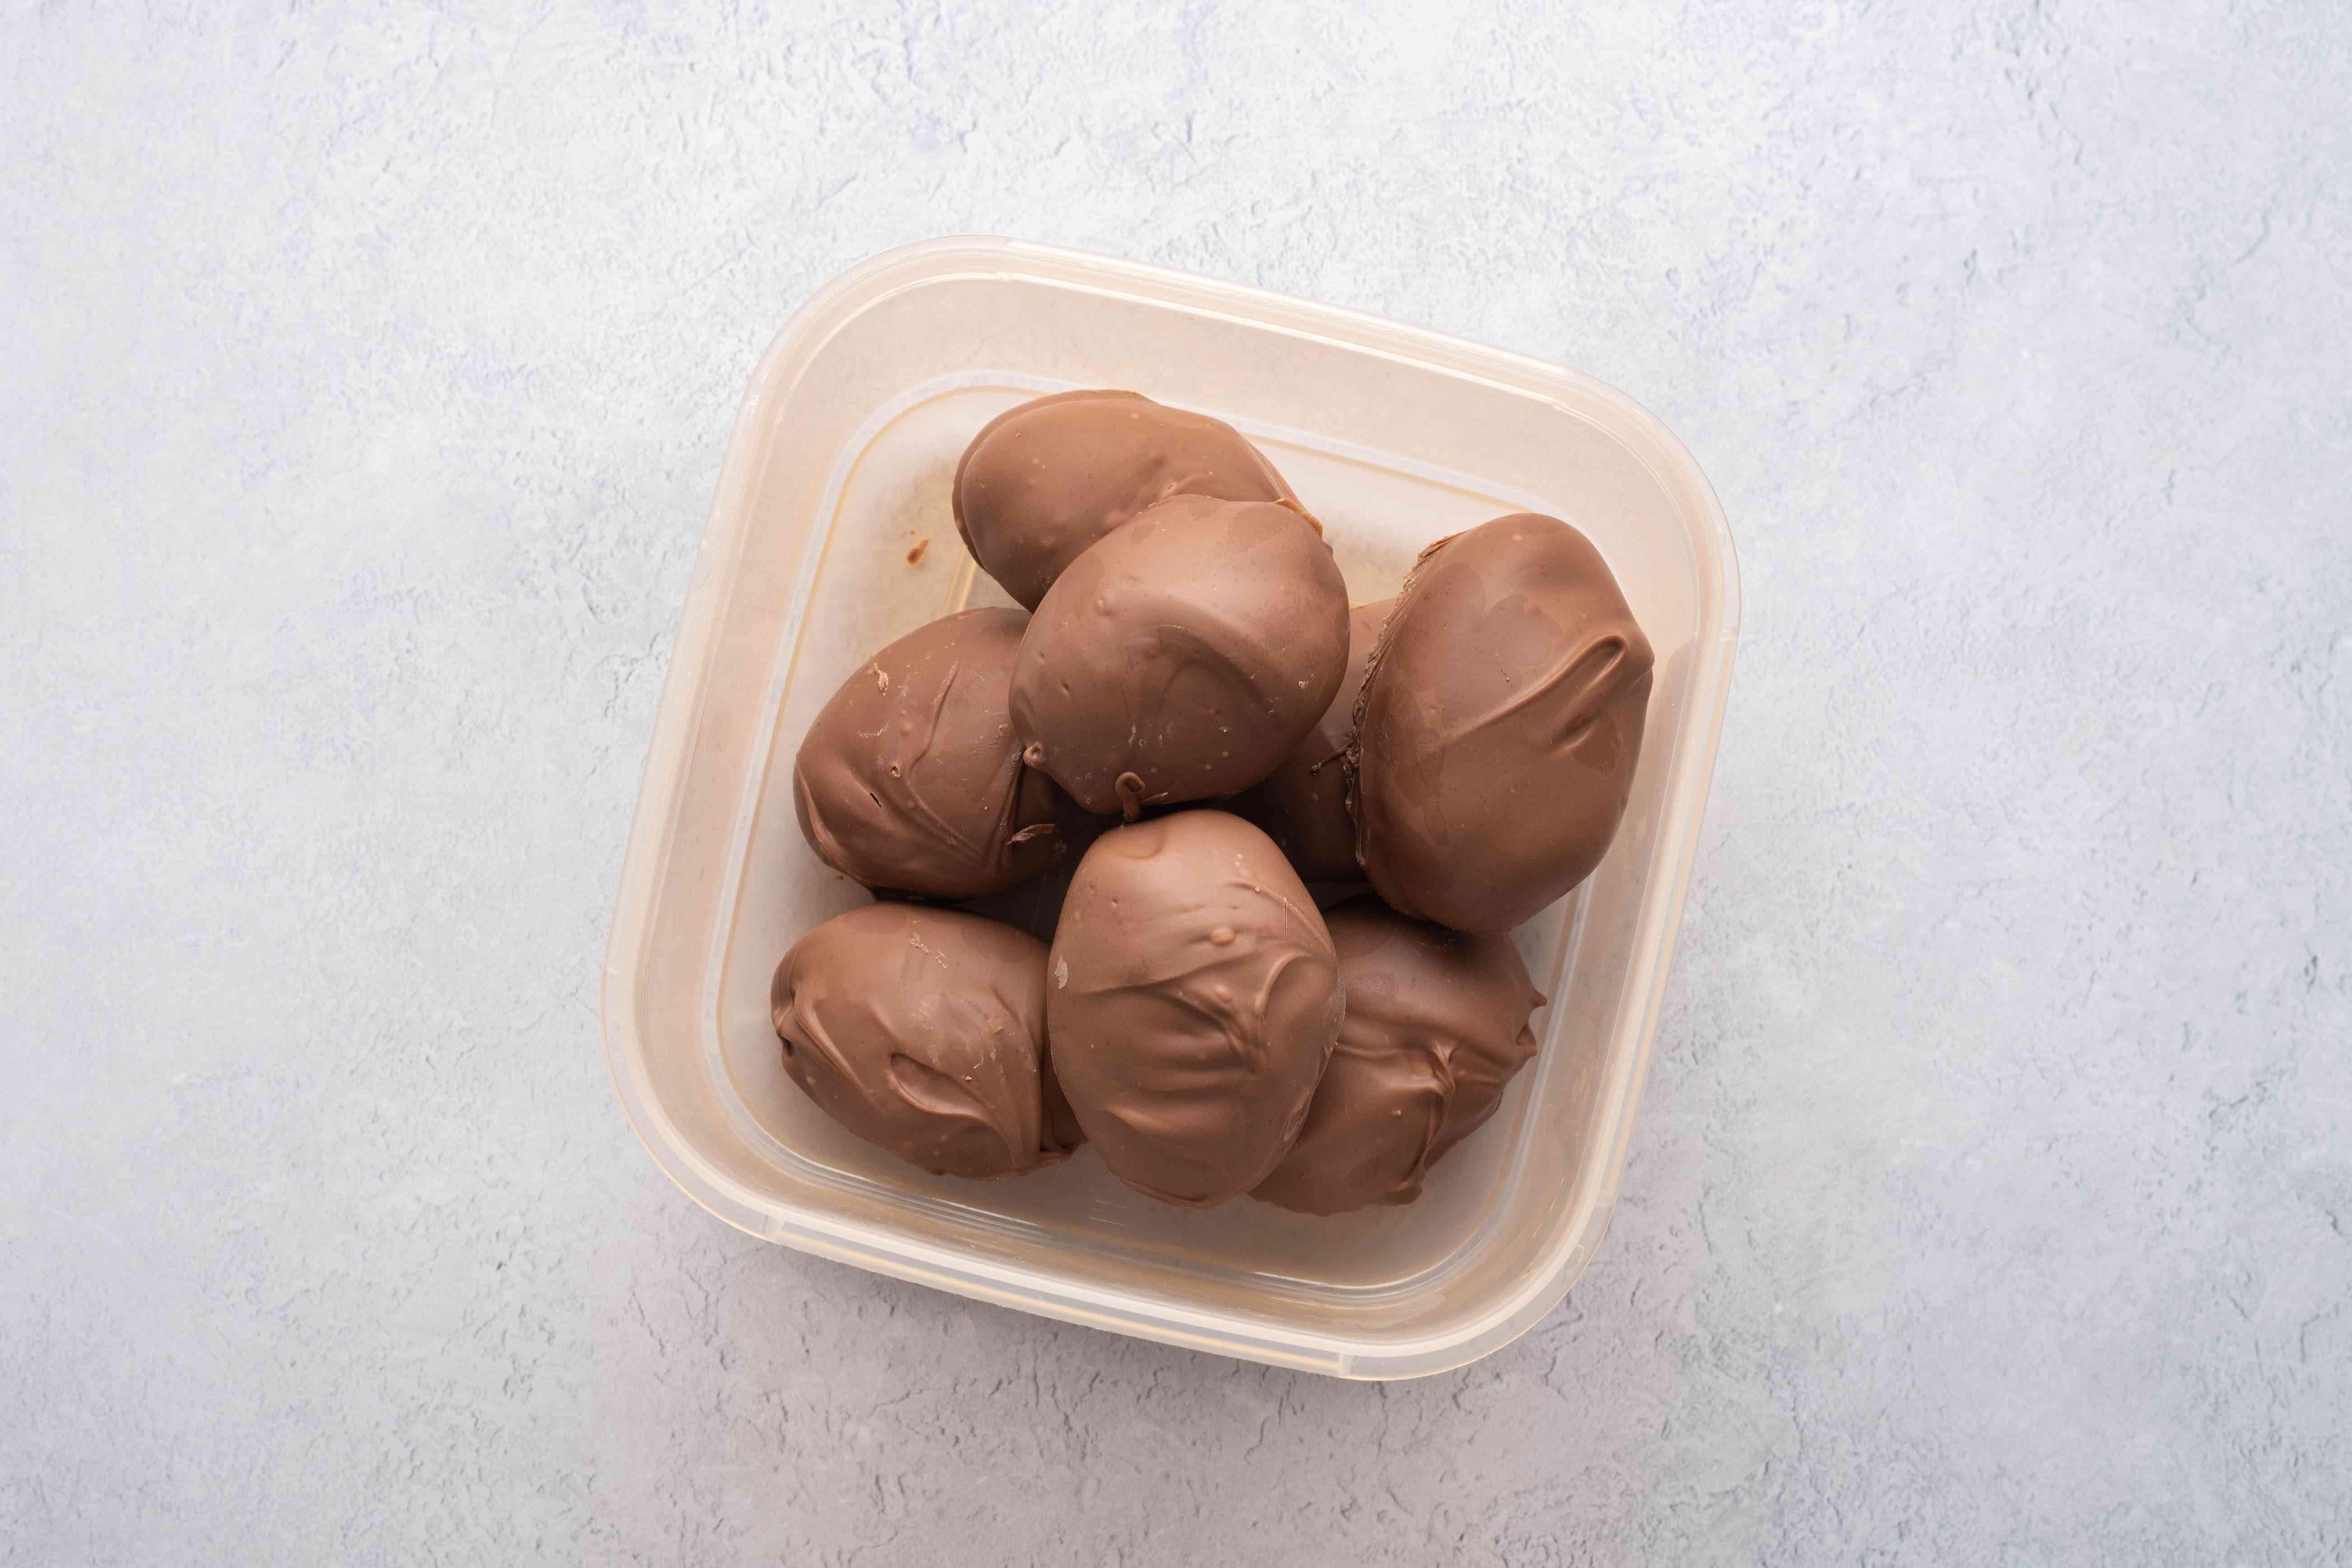 chocolate creme eggs in plastic container